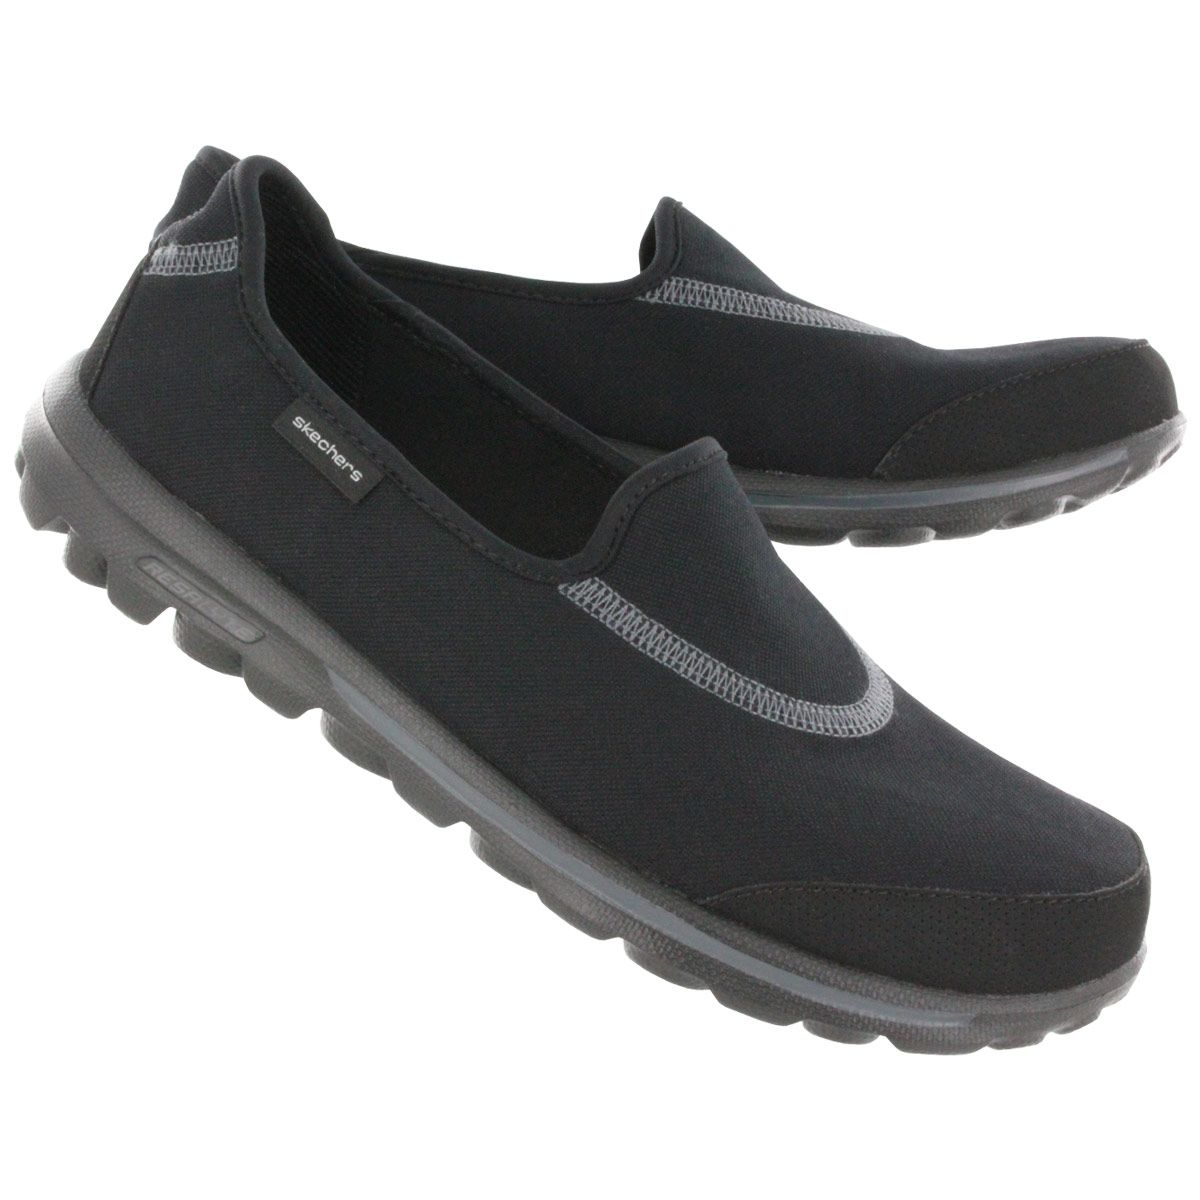 Skechers Women's GOwalk black lightweight slip on sneakers